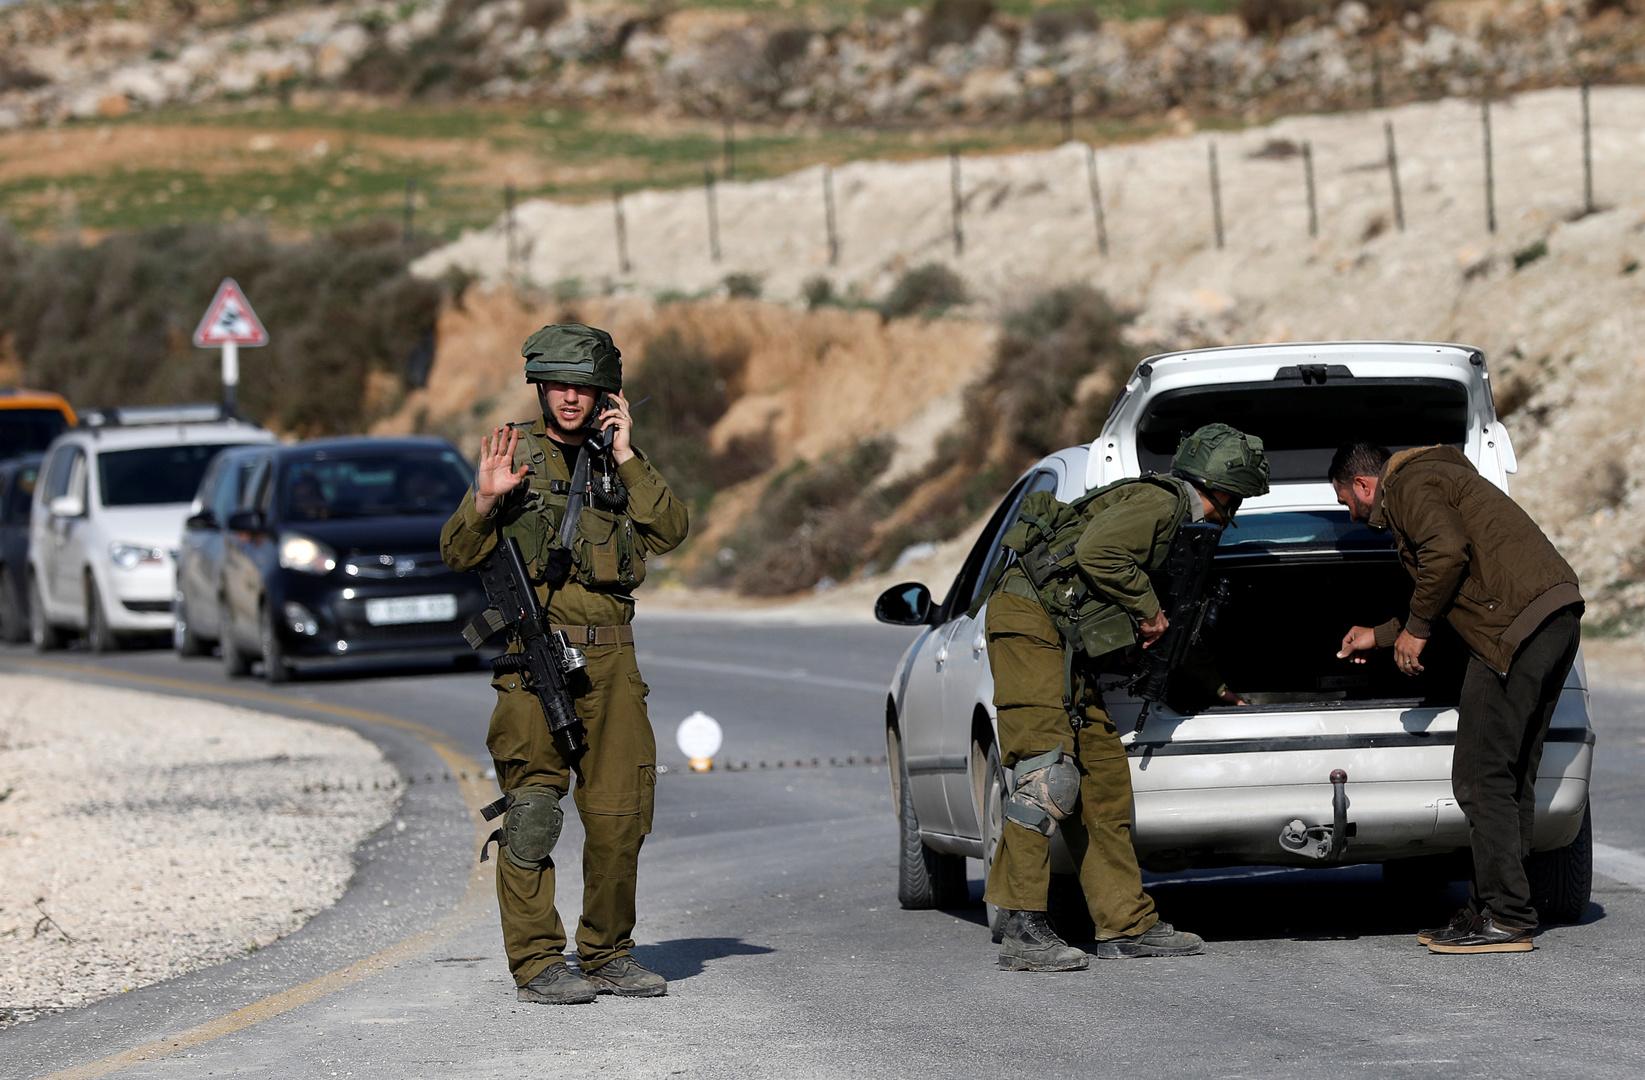 الجيش الإسرائيلي يطلق النار على فلسطيني بزعم طعنه أحد الجنود